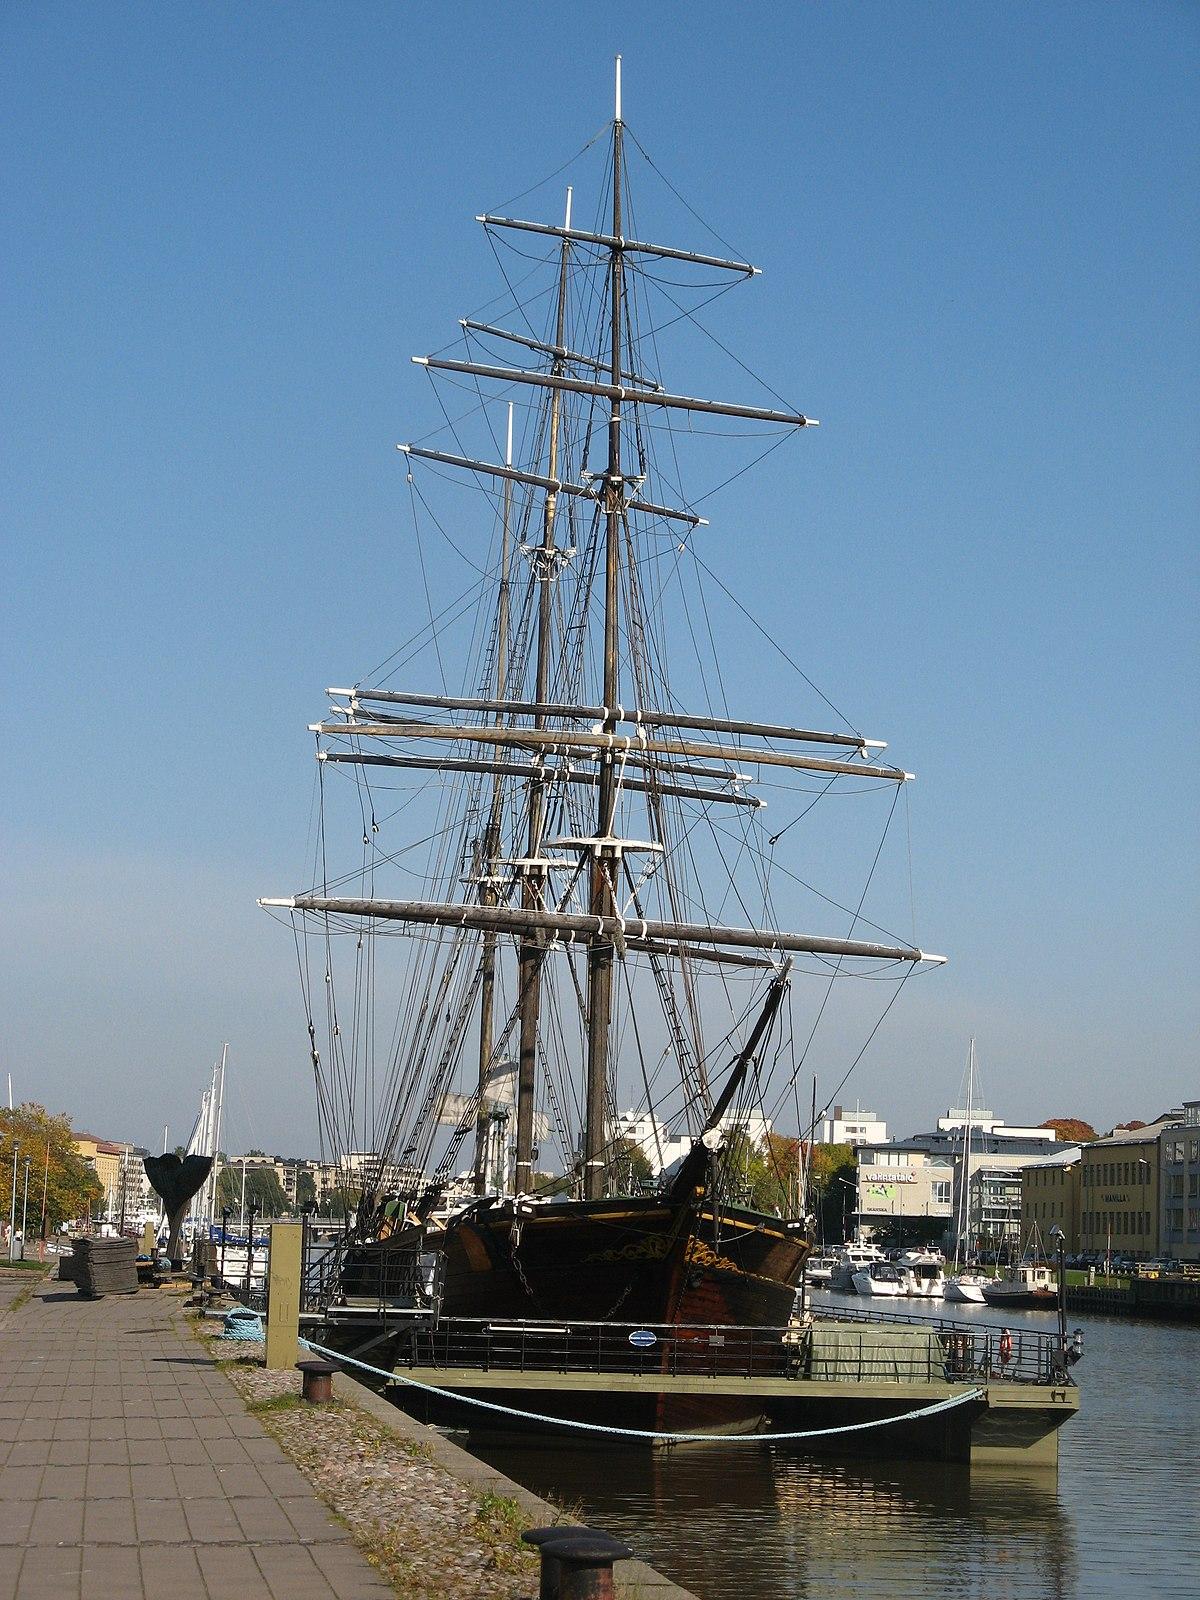 Sigyn (ship) - Wikipedia